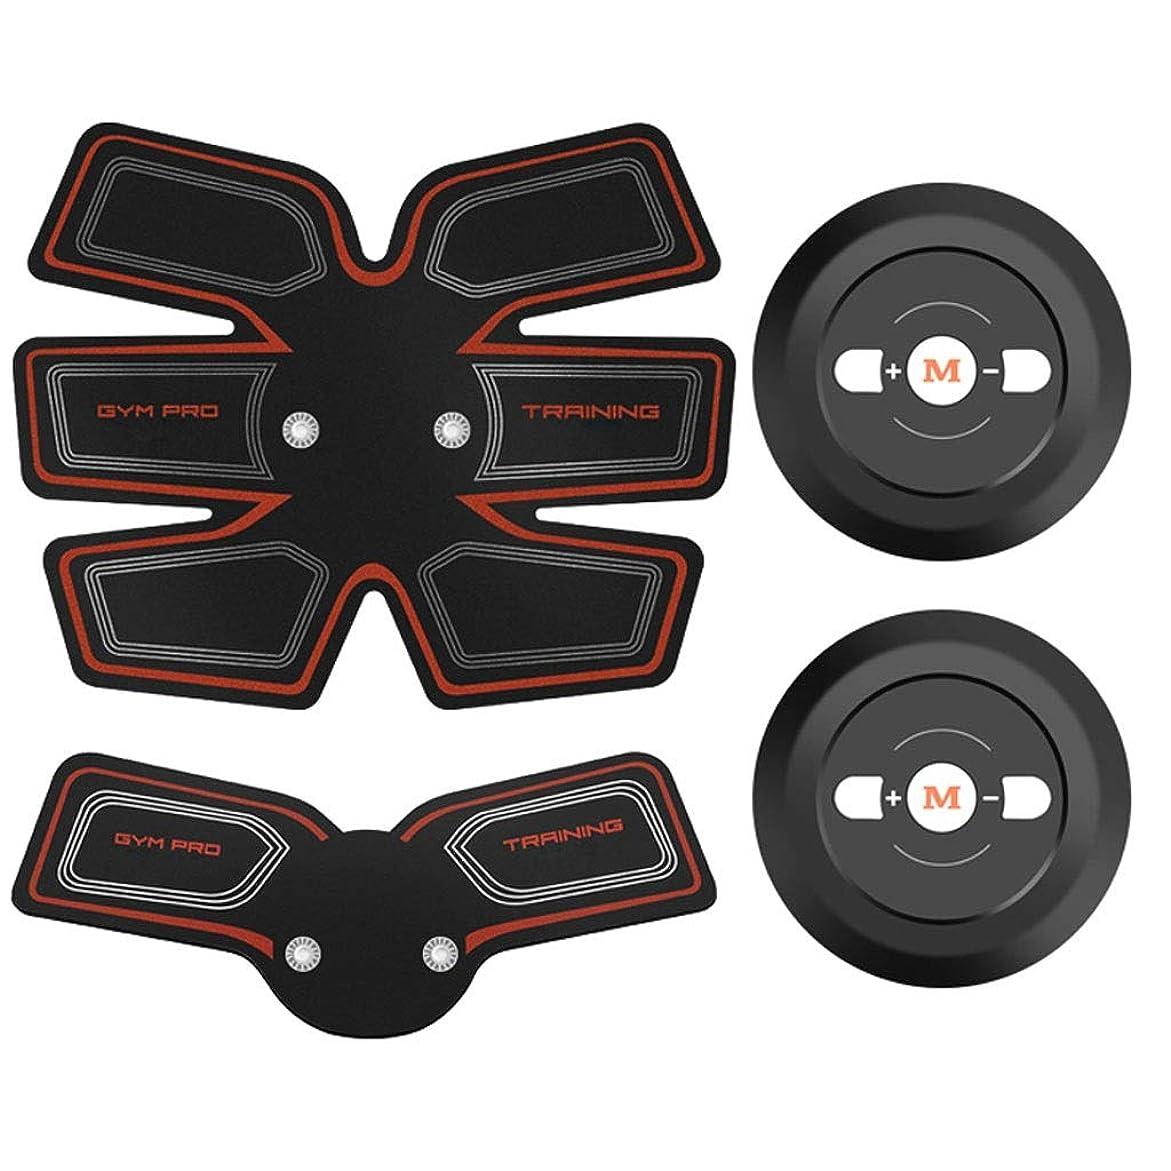 天井時代遅れ伝記EMS ABSトレーナー、腹部調色ベルト、EMSマッスルスティミュレーター、マッスルトナーフィットネストレーニングギア(男性用)女性腹部アームレッグトレーナー(オフィス用) (Color : Red, Size : A+B)